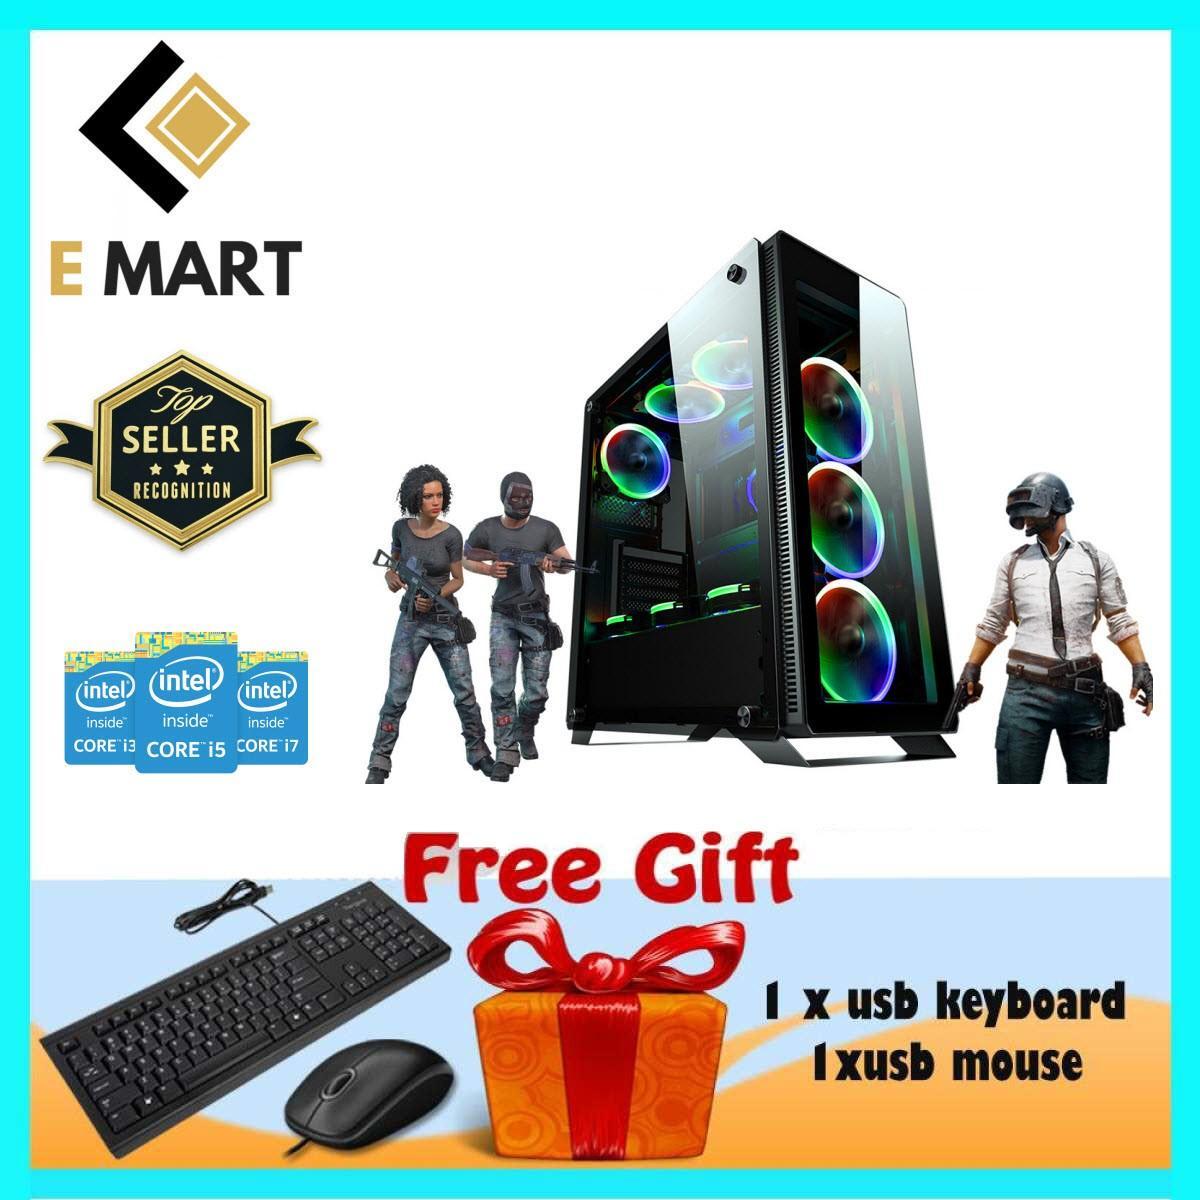 Trâu Cày Game Cao Cấp Core I3 3220, Ram 12gb, Ssd 240gb, Hdd 4tb, Vga Gtx1050ti 4gb Emgp75 + Quà Tặng By E Mart